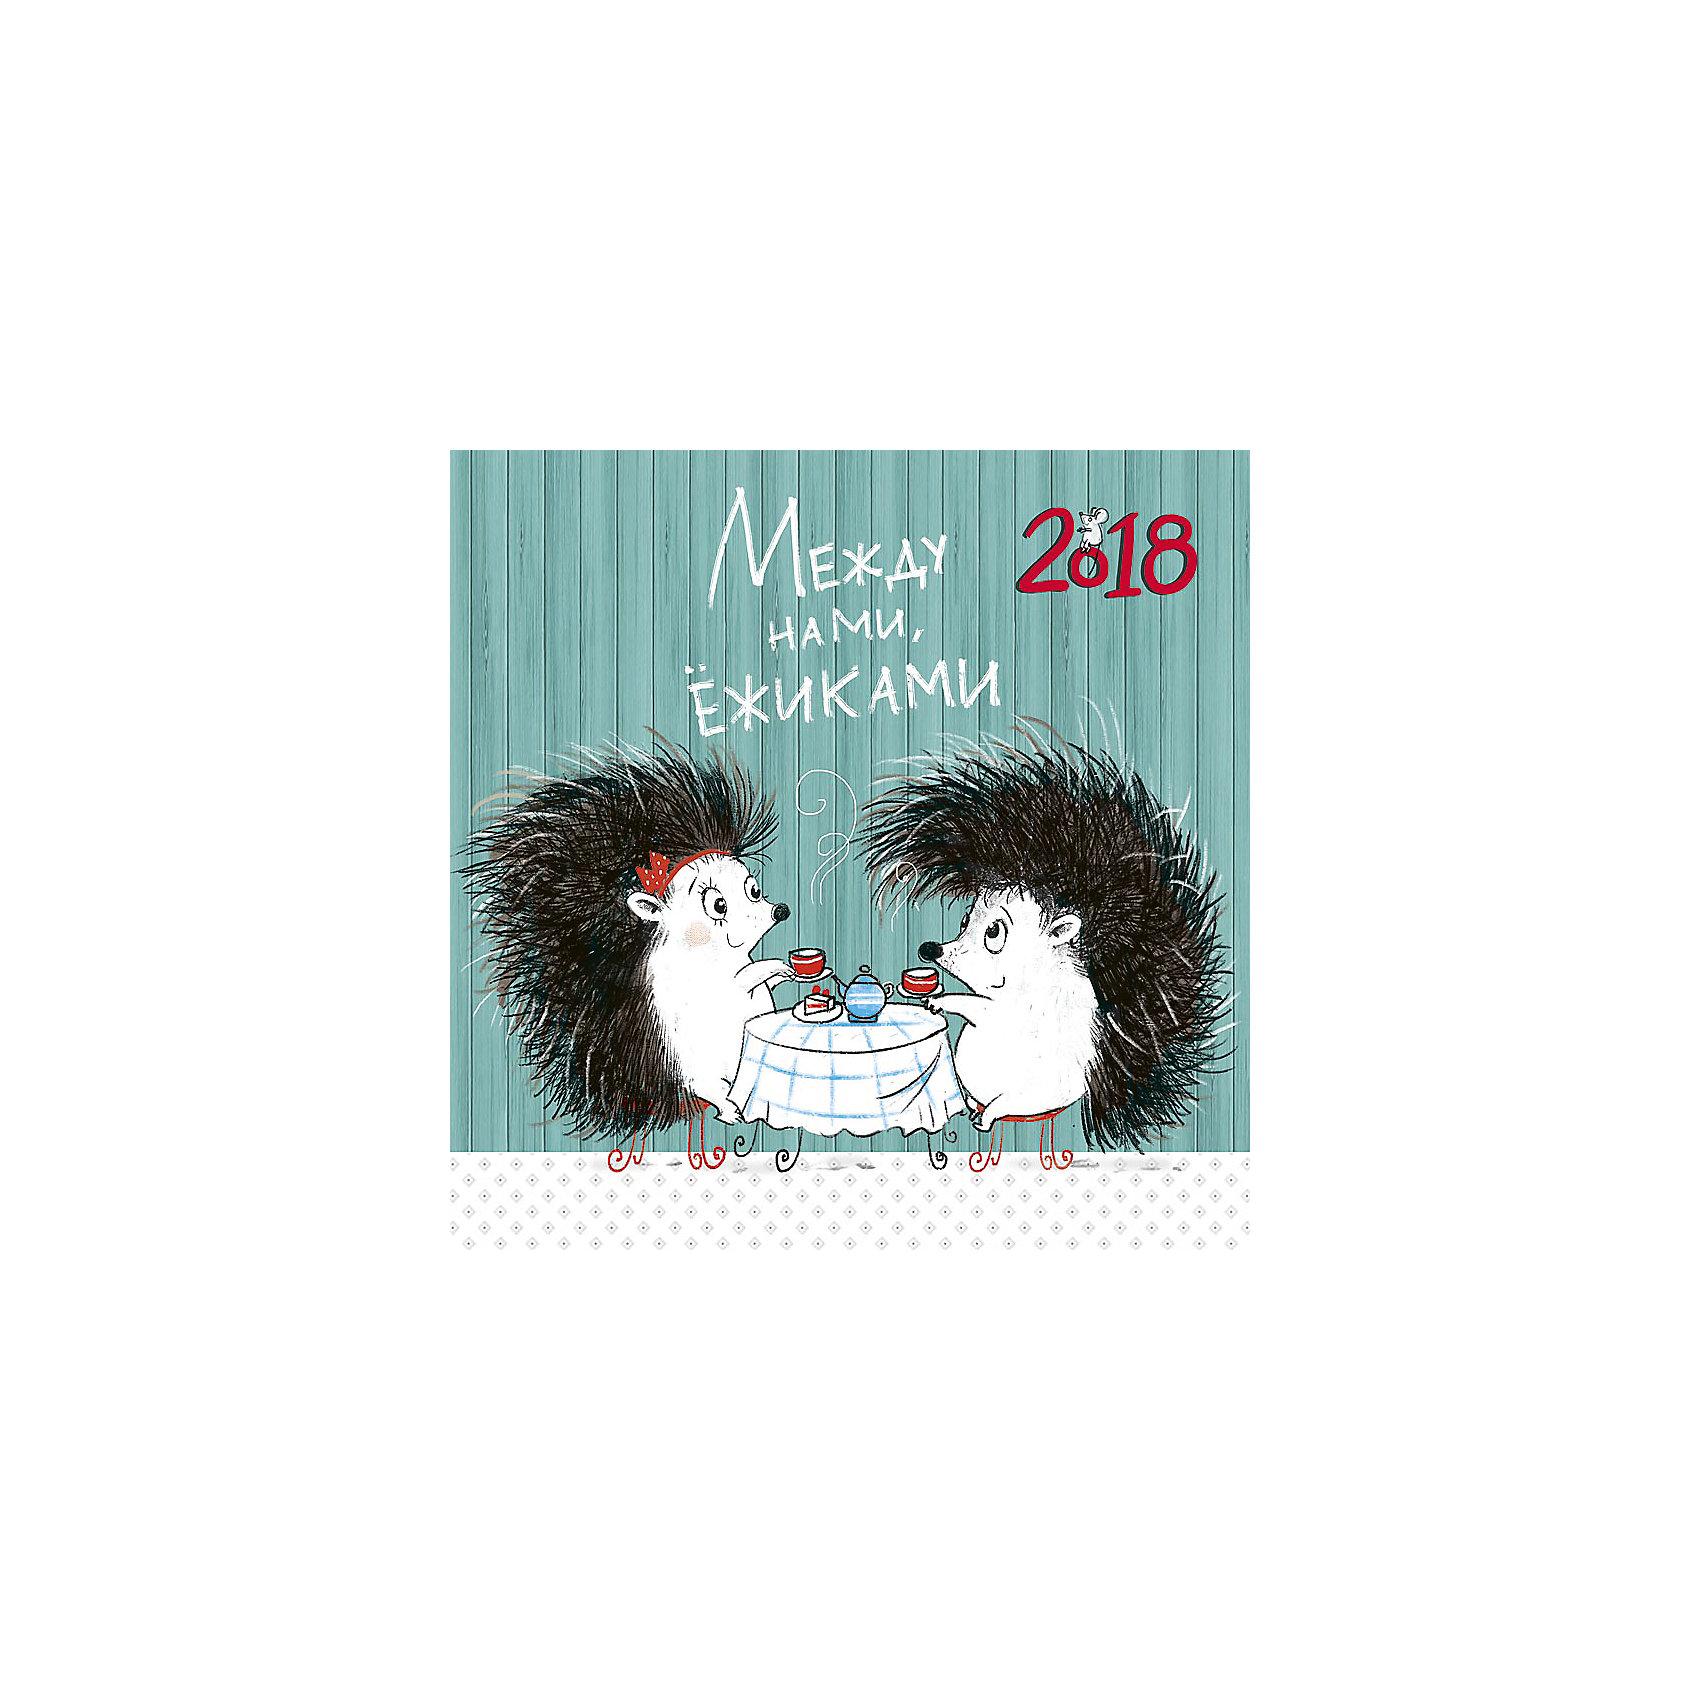 Календарь 2018  настенный перекидной Между нами, ёжикамиНовогодние календари<br>Календарь настенный перекидной, размер 290х290мм, крепление - металическая пружина, упакован в индивидуальный пакет. Тема календаря Между нами ежиками - с нарисованными ежиками в различных жизненных ситуациях. Календарь на новый год станет приятным дополнением к любому подарку.<br><br>Ширина мм: 290<br>Глубина мм: 290<br>Высота мм: 9999<br>Вес г: 116<br>Возраст от месяцев: -2147483648<br>Возраст до месяцев: 2147483647<br>Пол: Унисекс<br>Возраст: Детский<br>SKU: 7129584